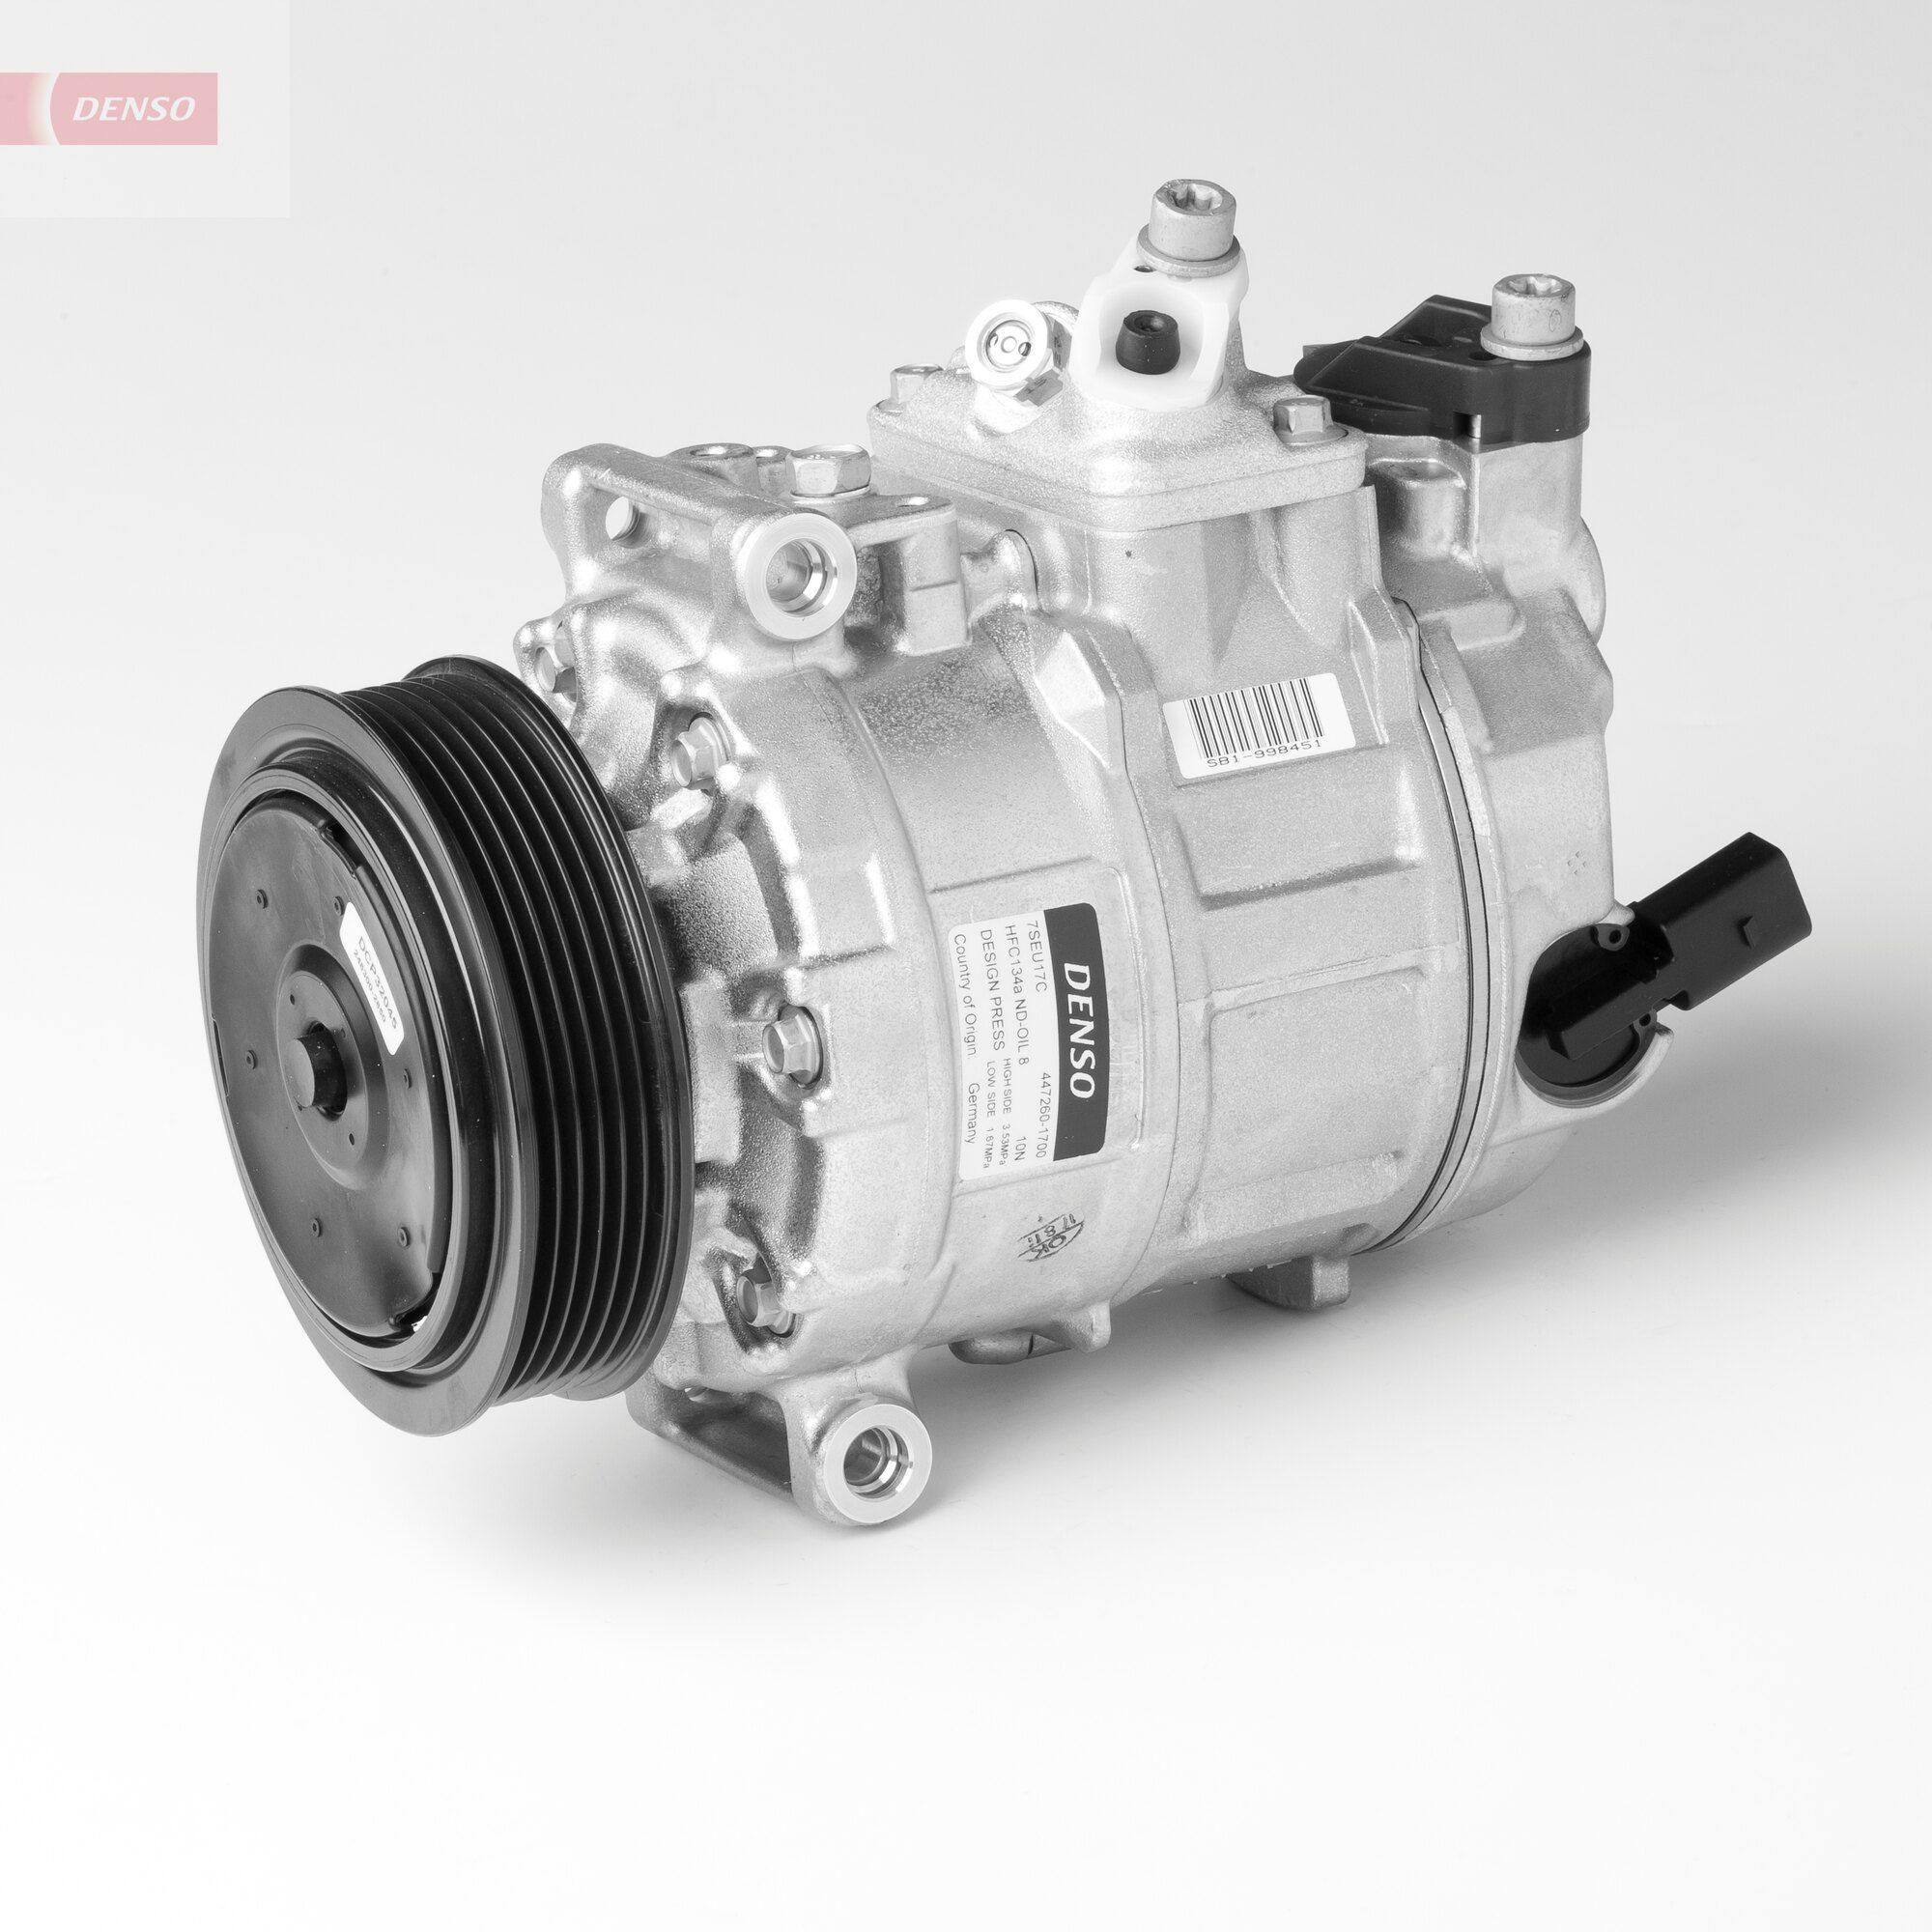 DCP32045 AC Compressor DENSO - Ervaar aan promoprijzen